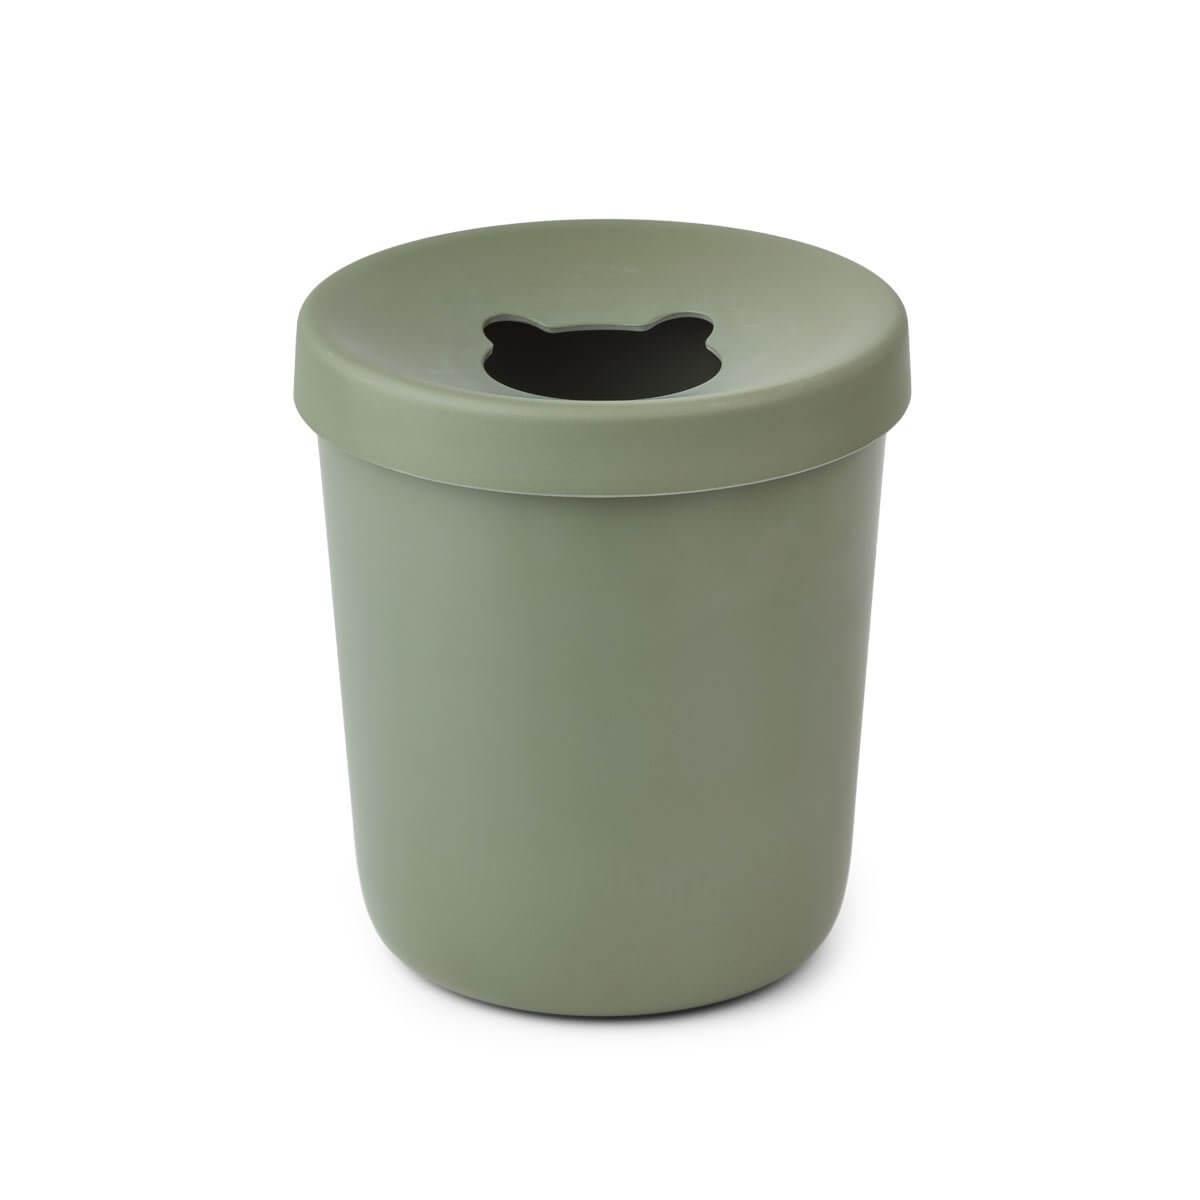 Liewood - Evelina Mülleimer Faune Green